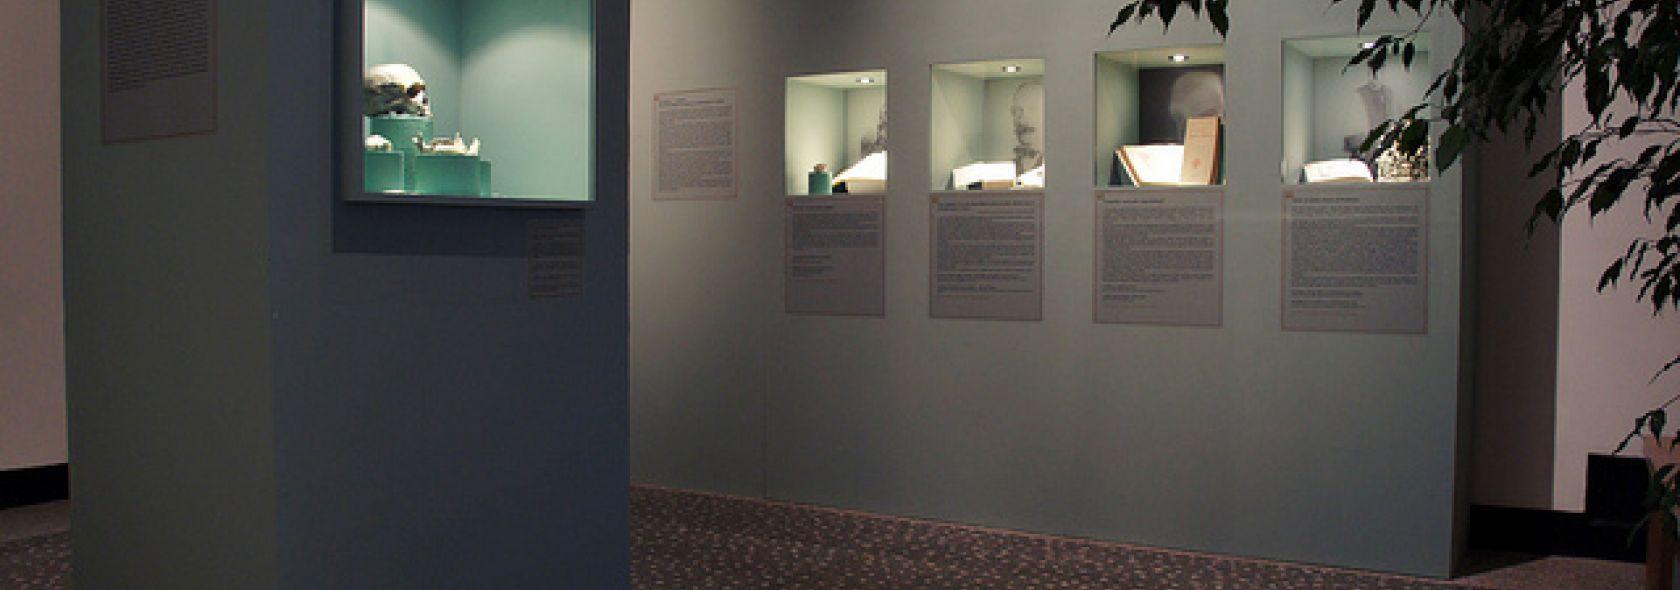 Museo di Archeologia Ligure - interno - foto: Rinaldi - ©genovacittadigitale